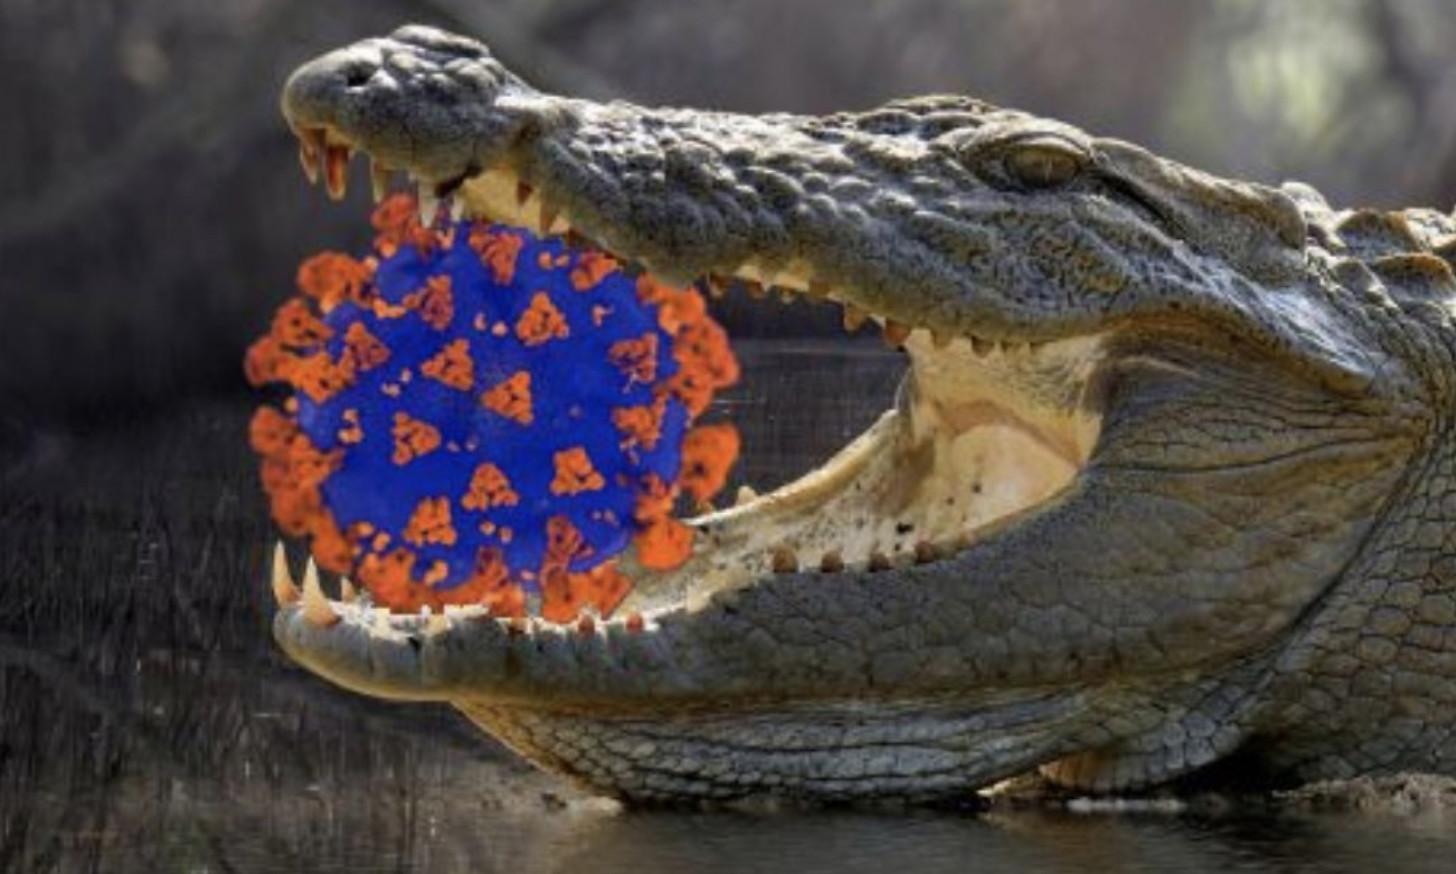 Coronavirus with gator